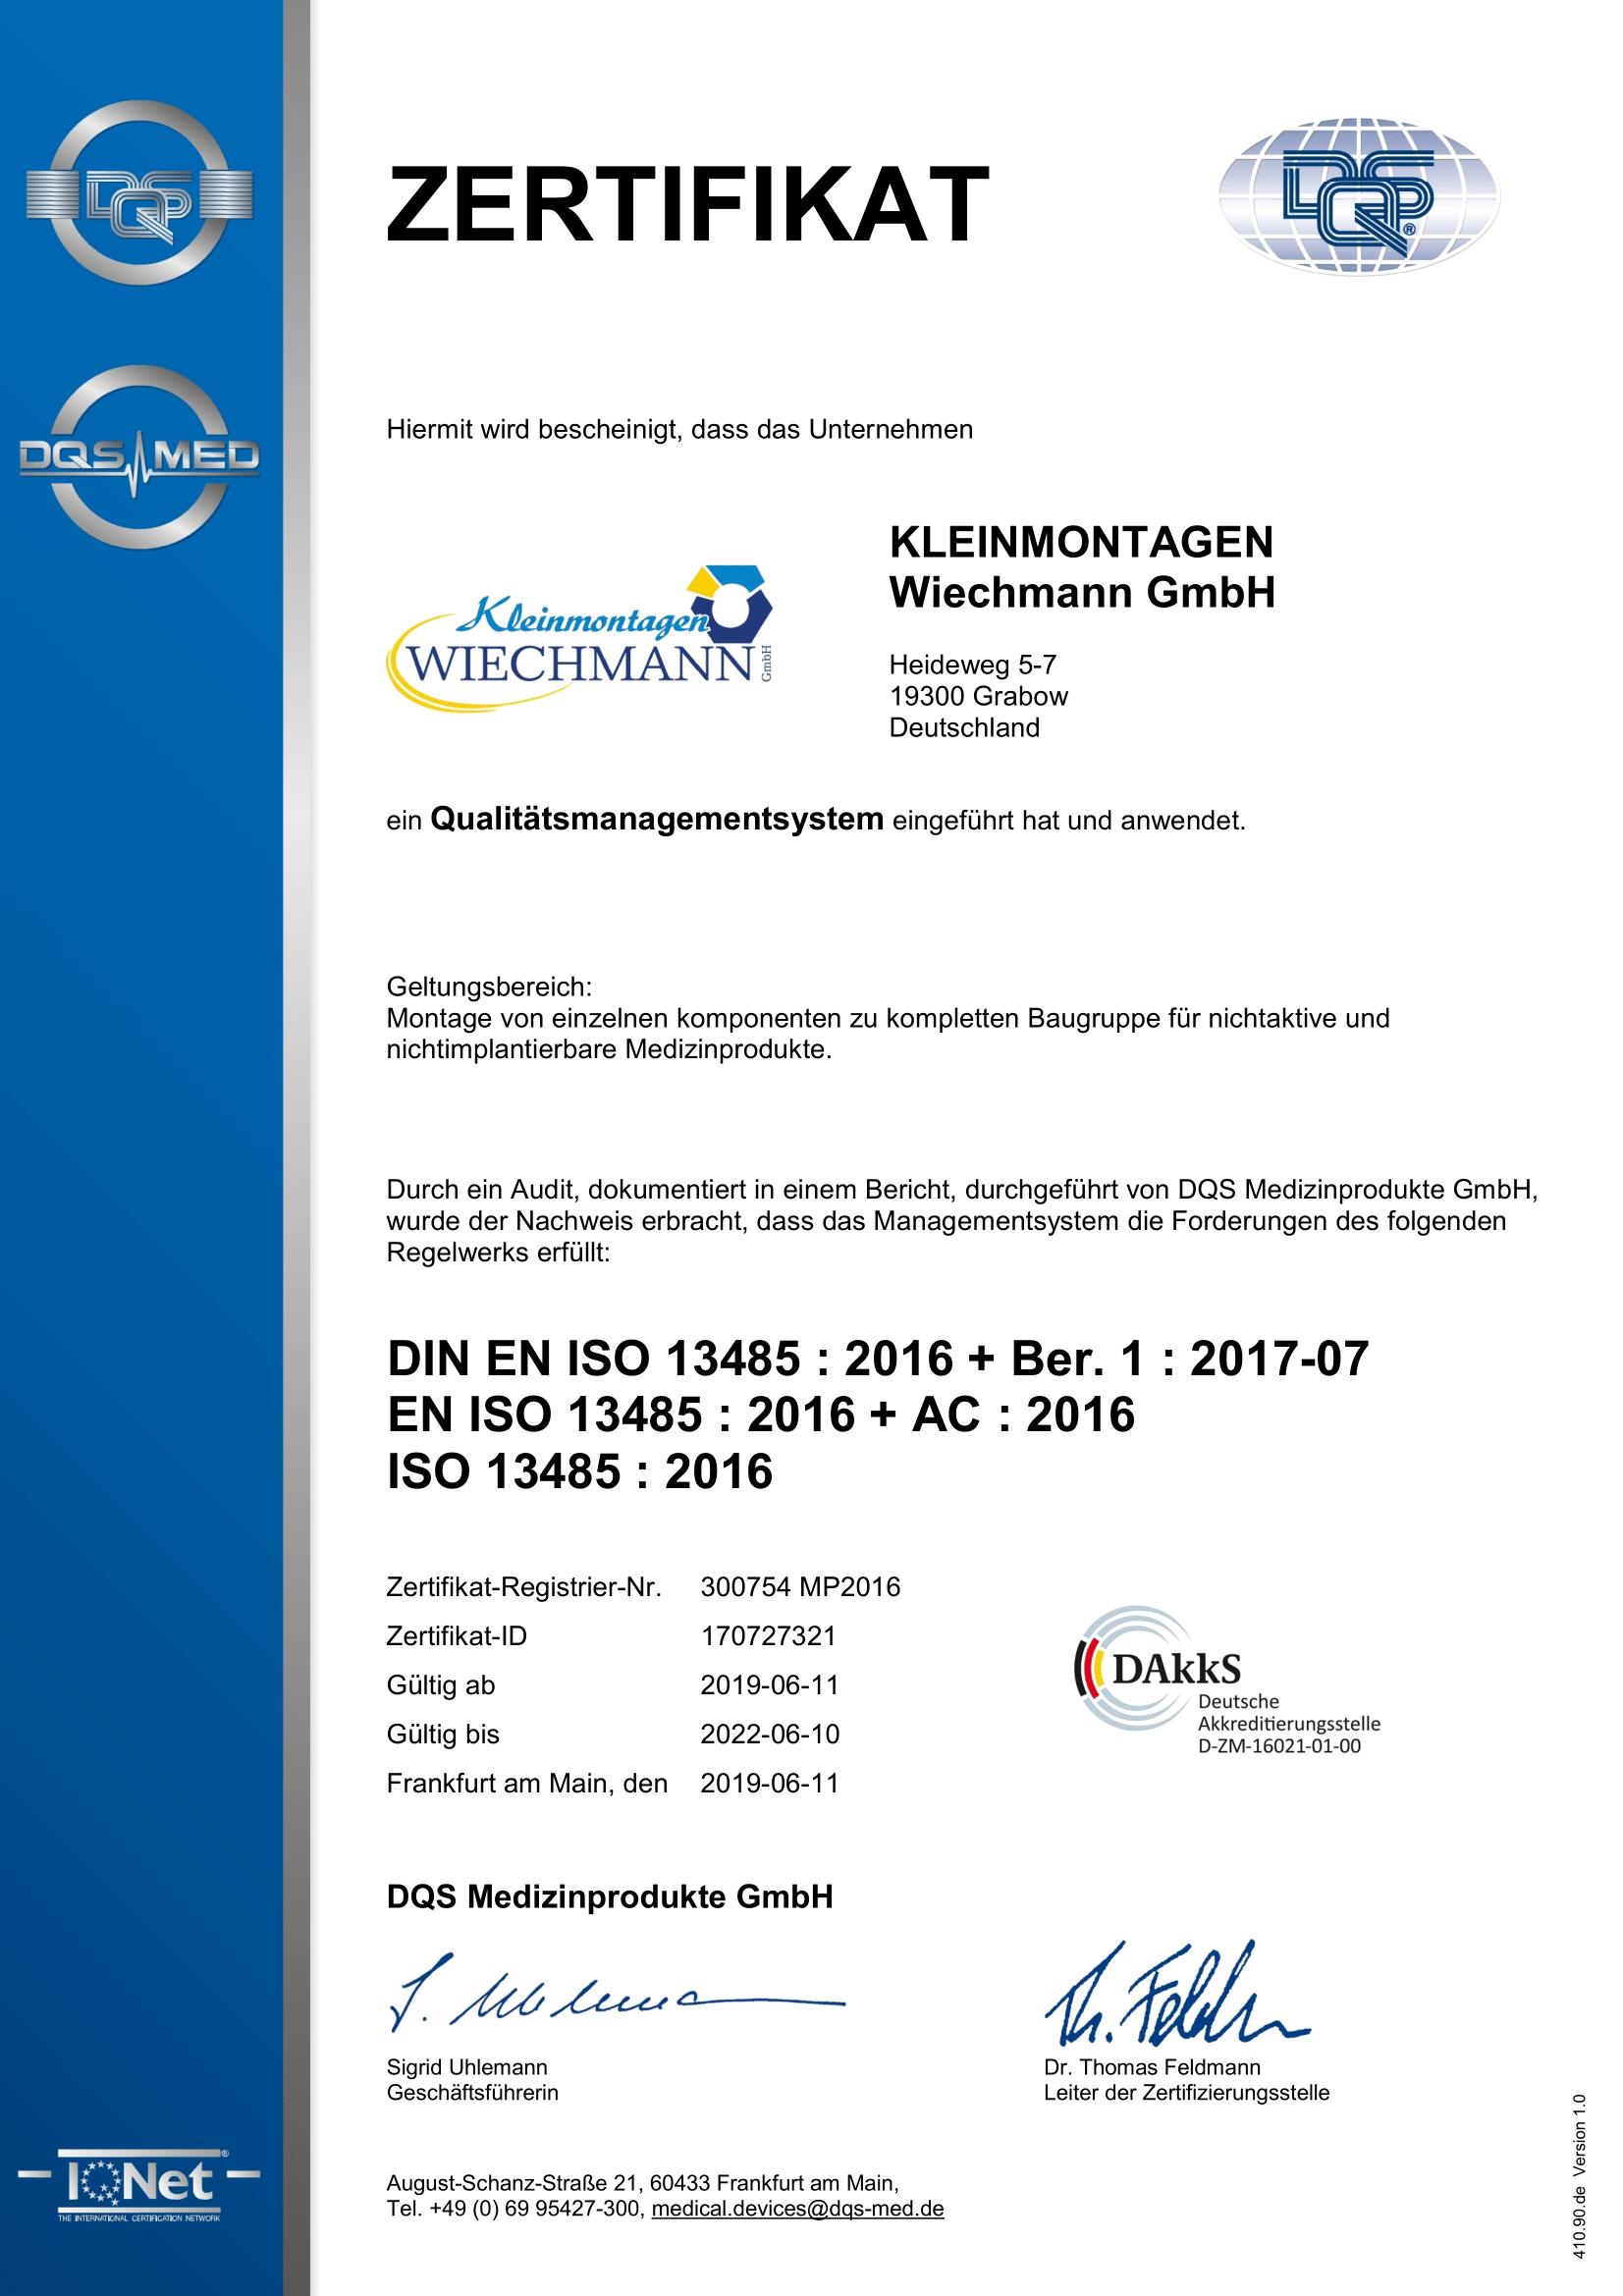 Zertifikat DIN EN ISO 13485 - Kleinmontagen Wiechmann GmbH